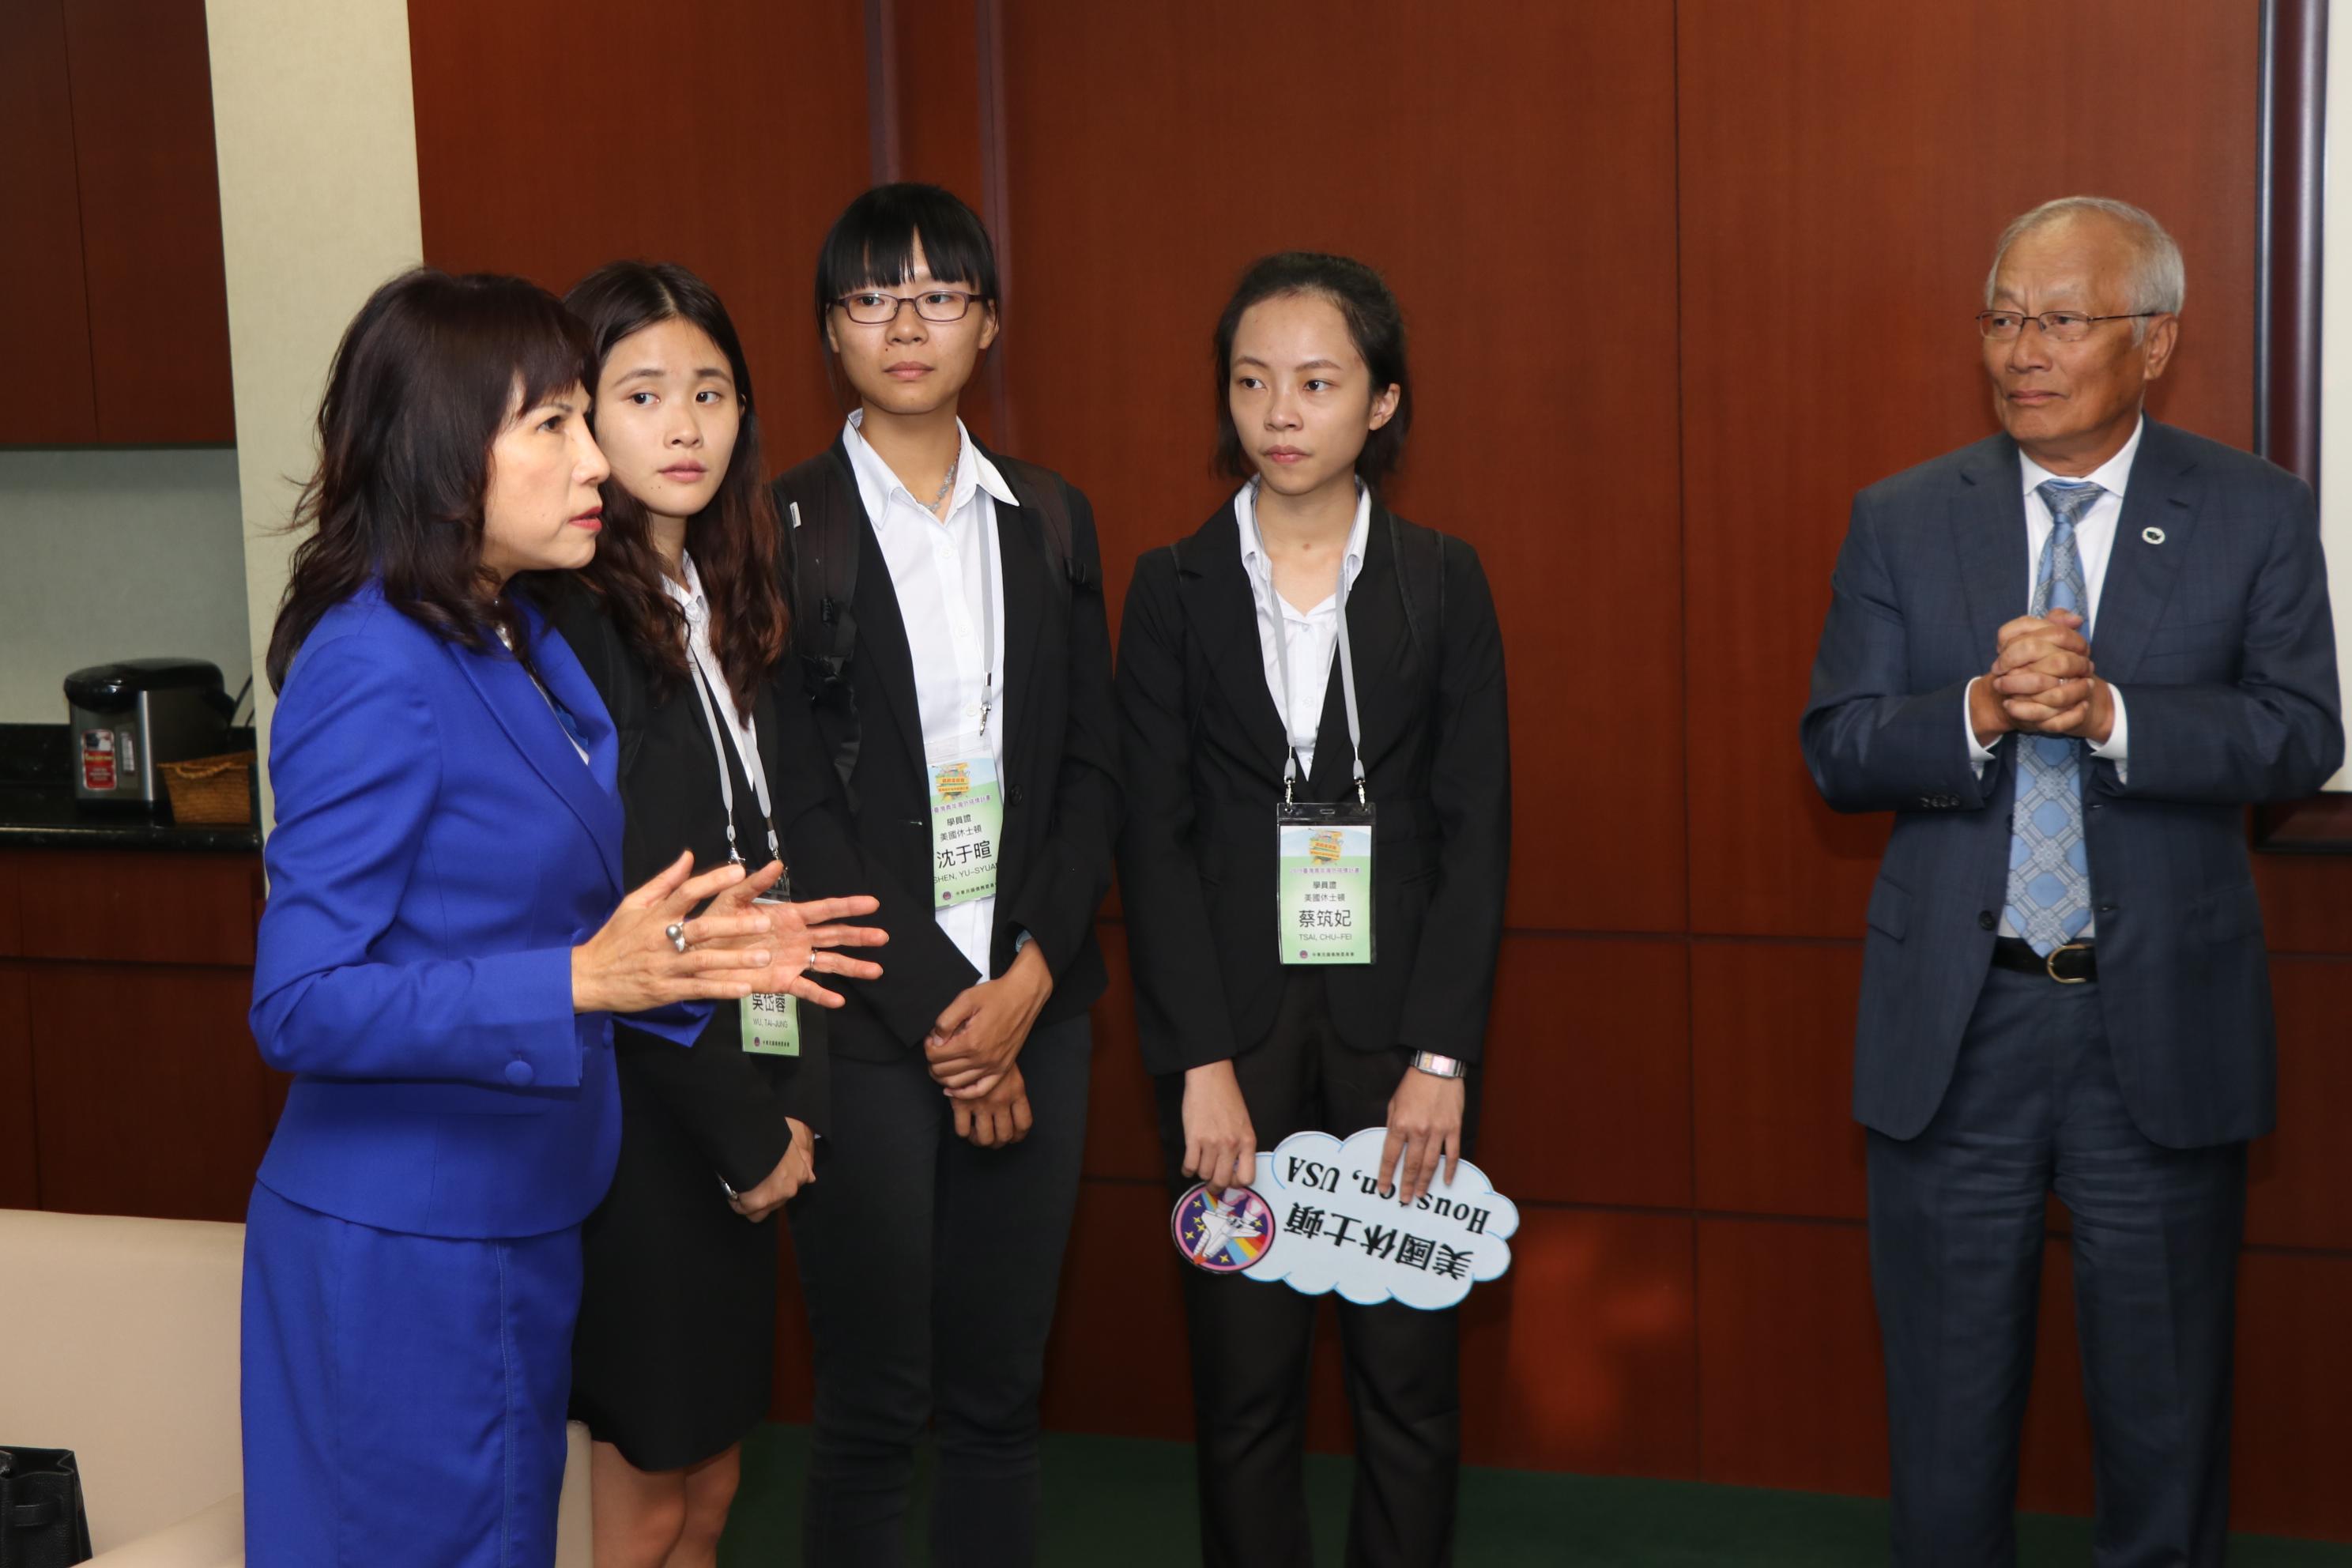 林富桂(左一)鼓勵同學們堅持信念努力追求,最後終將成功。